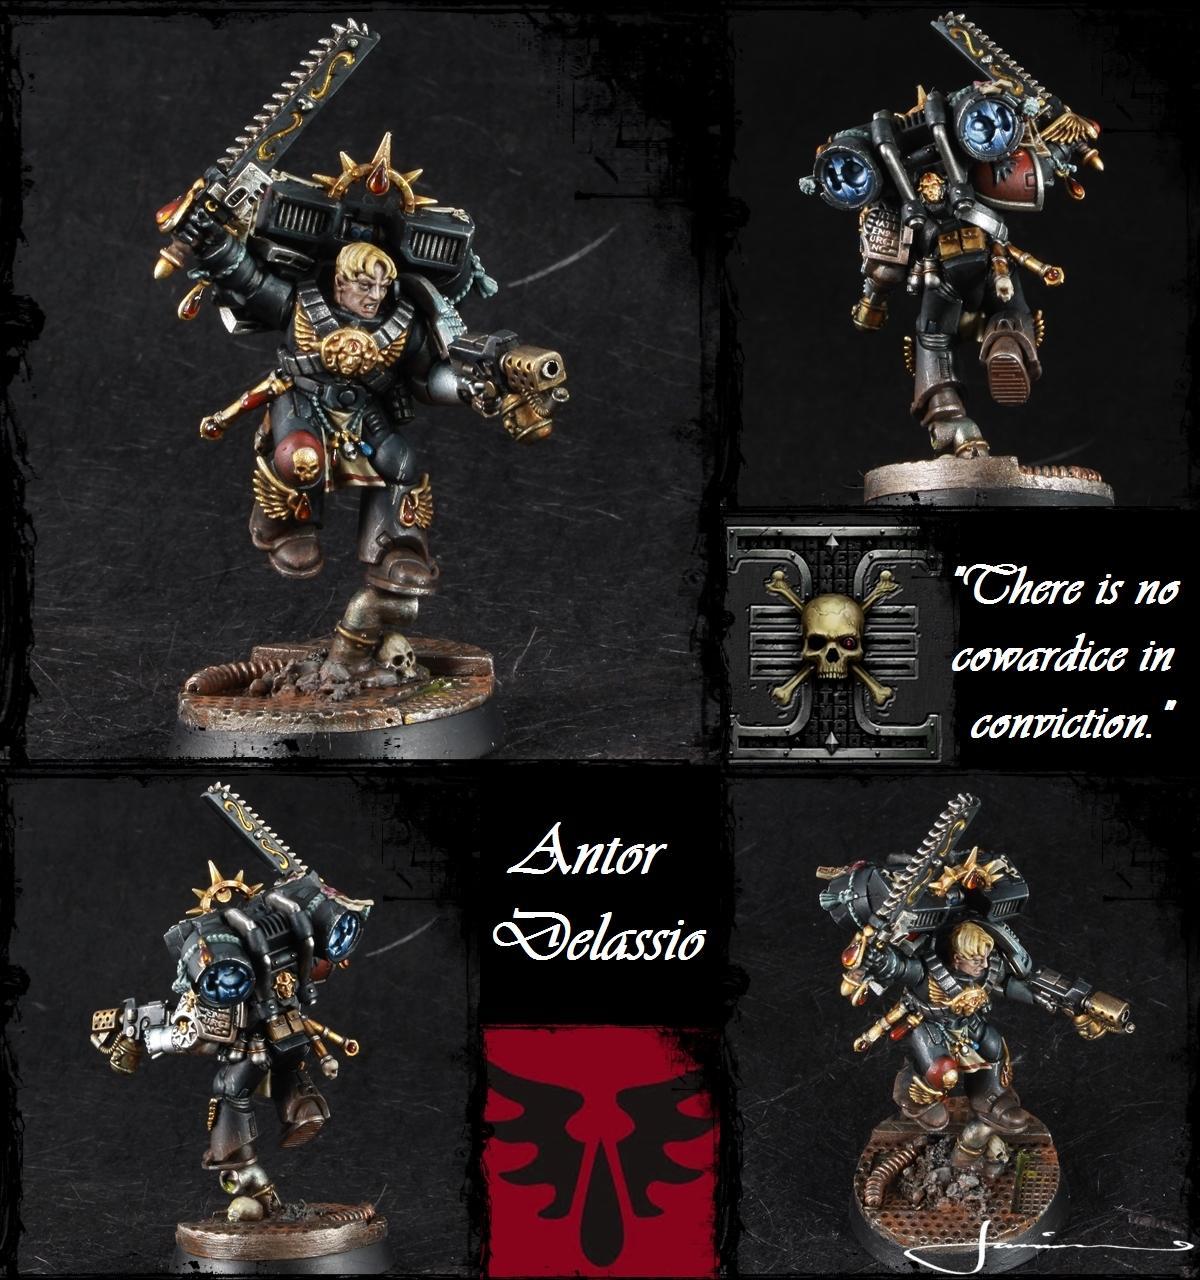 Antor Delassio, Blood Angels, Deathwatch, Deathwatch:overkill, Ordo Xenos, Warhammer 40,000